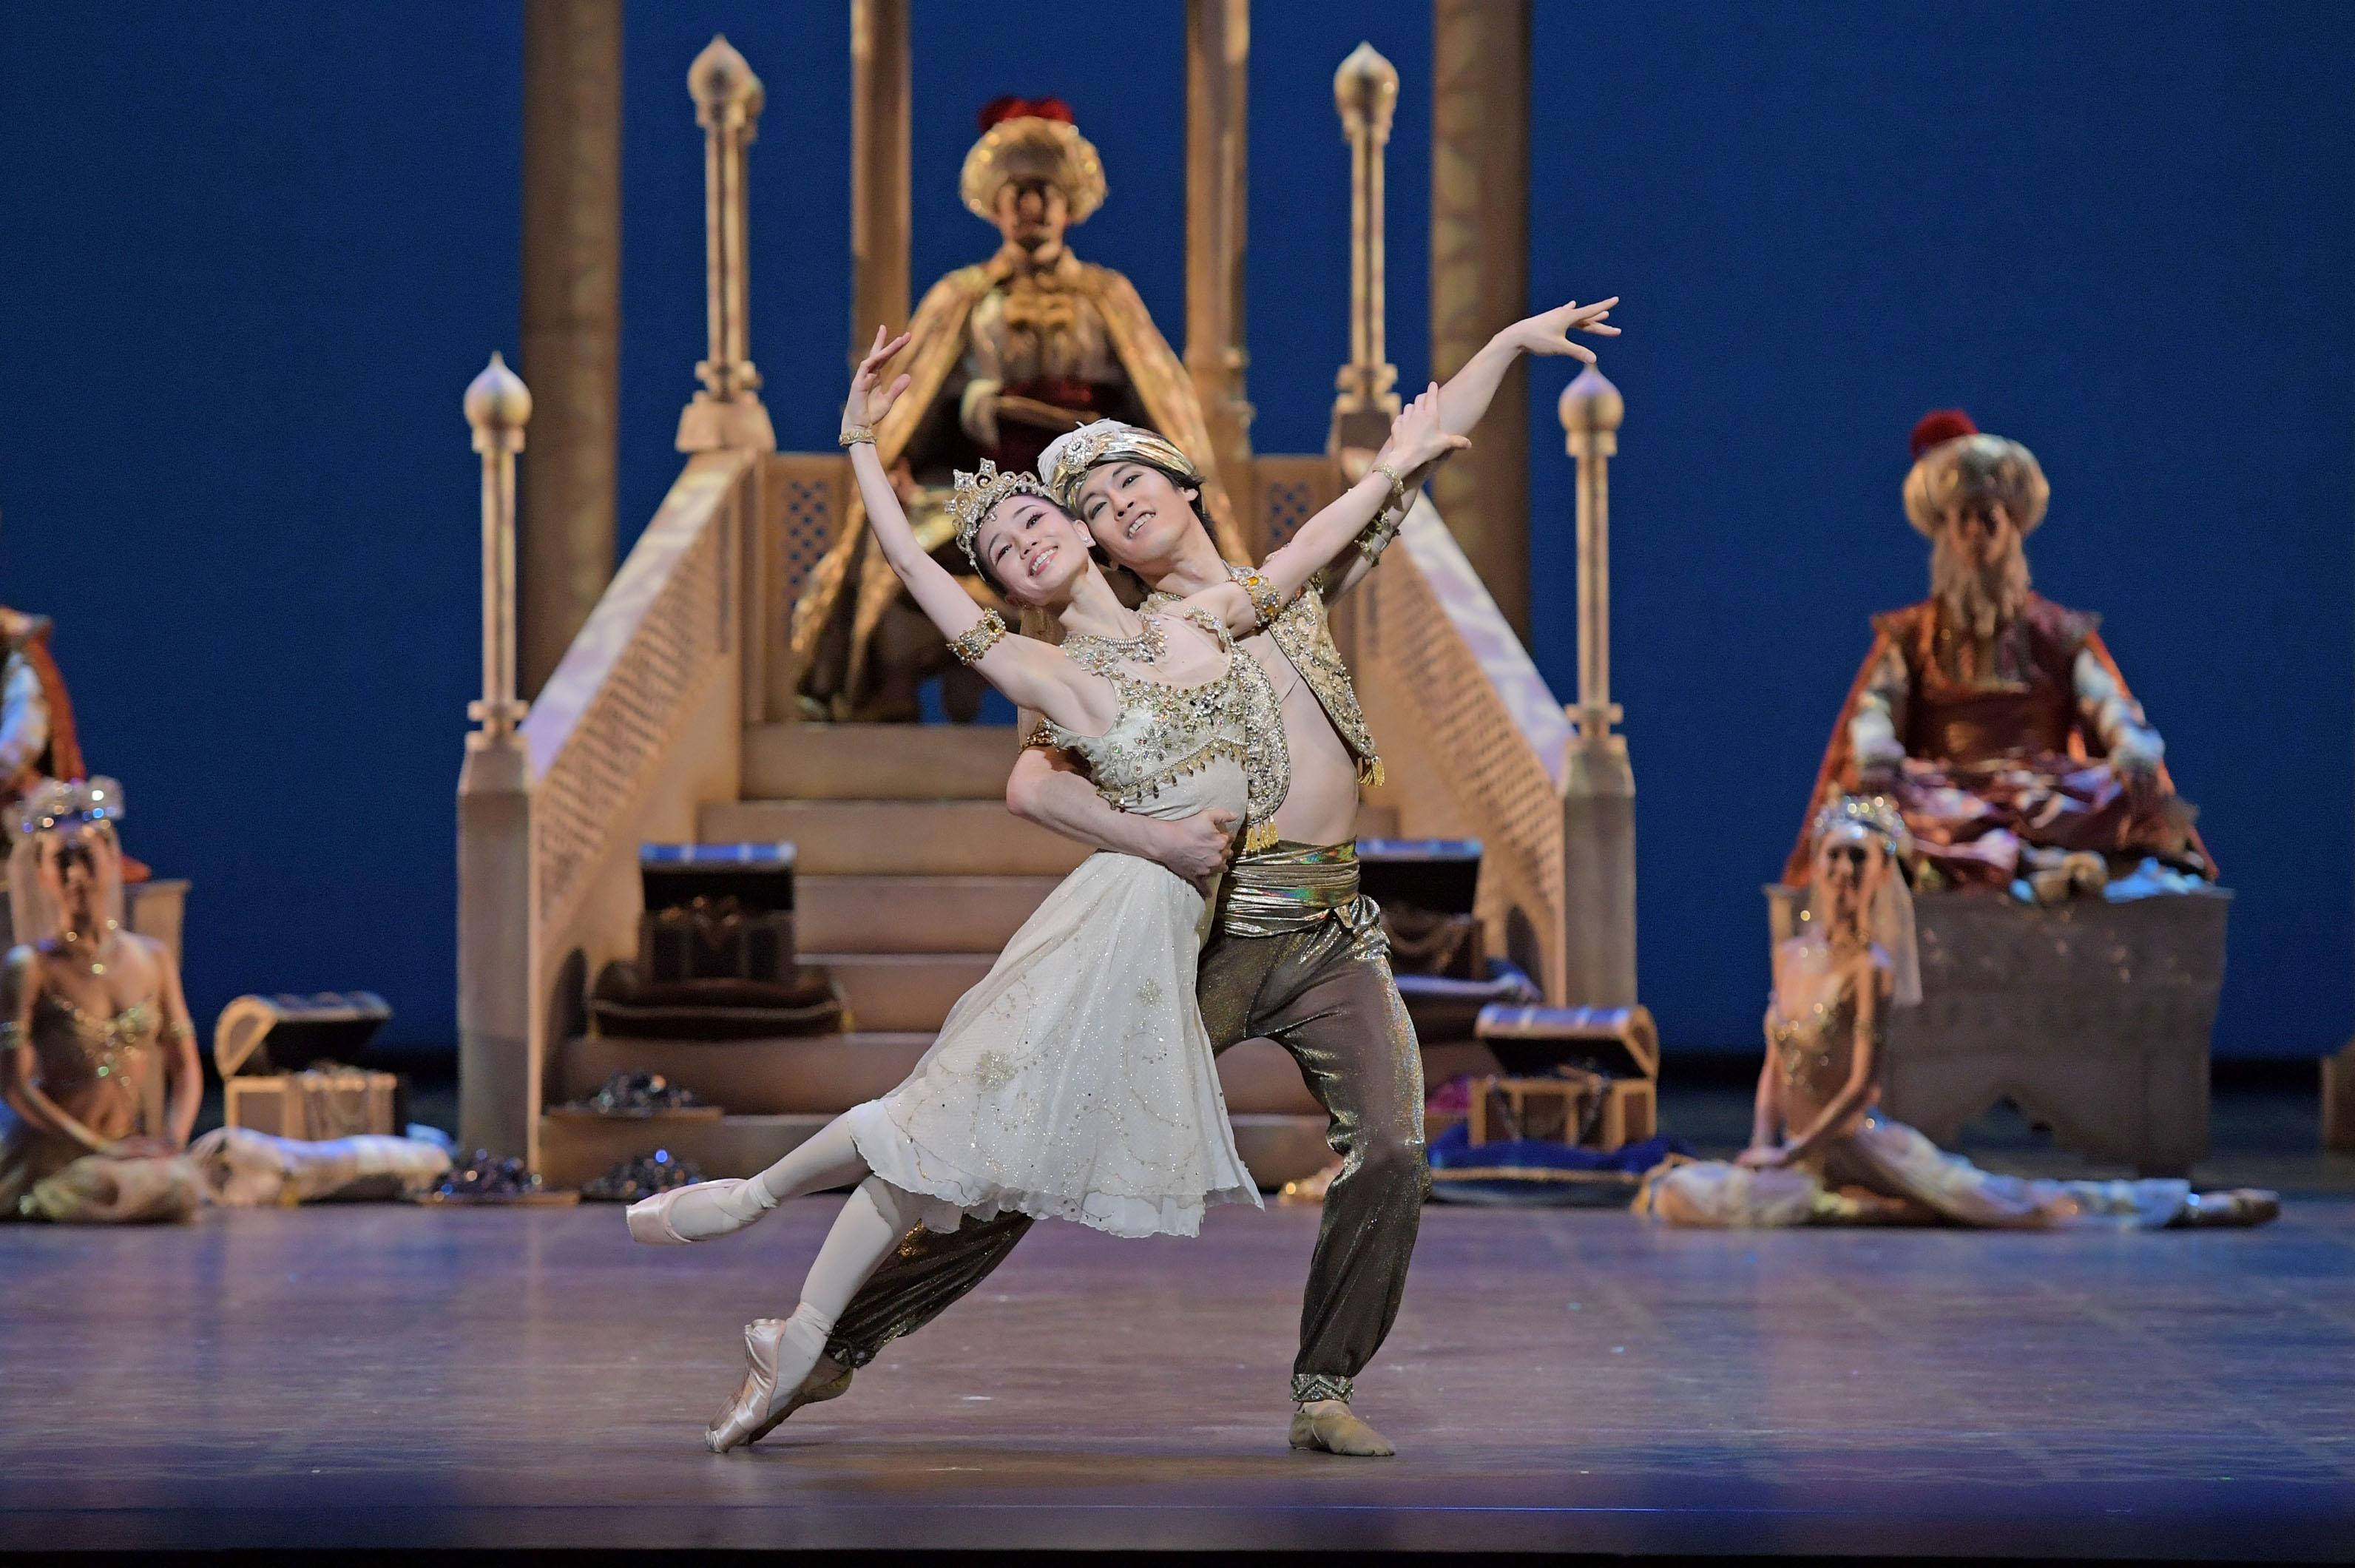 【動画レポ】舞台稽古&舞台裏に密着!新国立劇場バレエ団「アラジン」